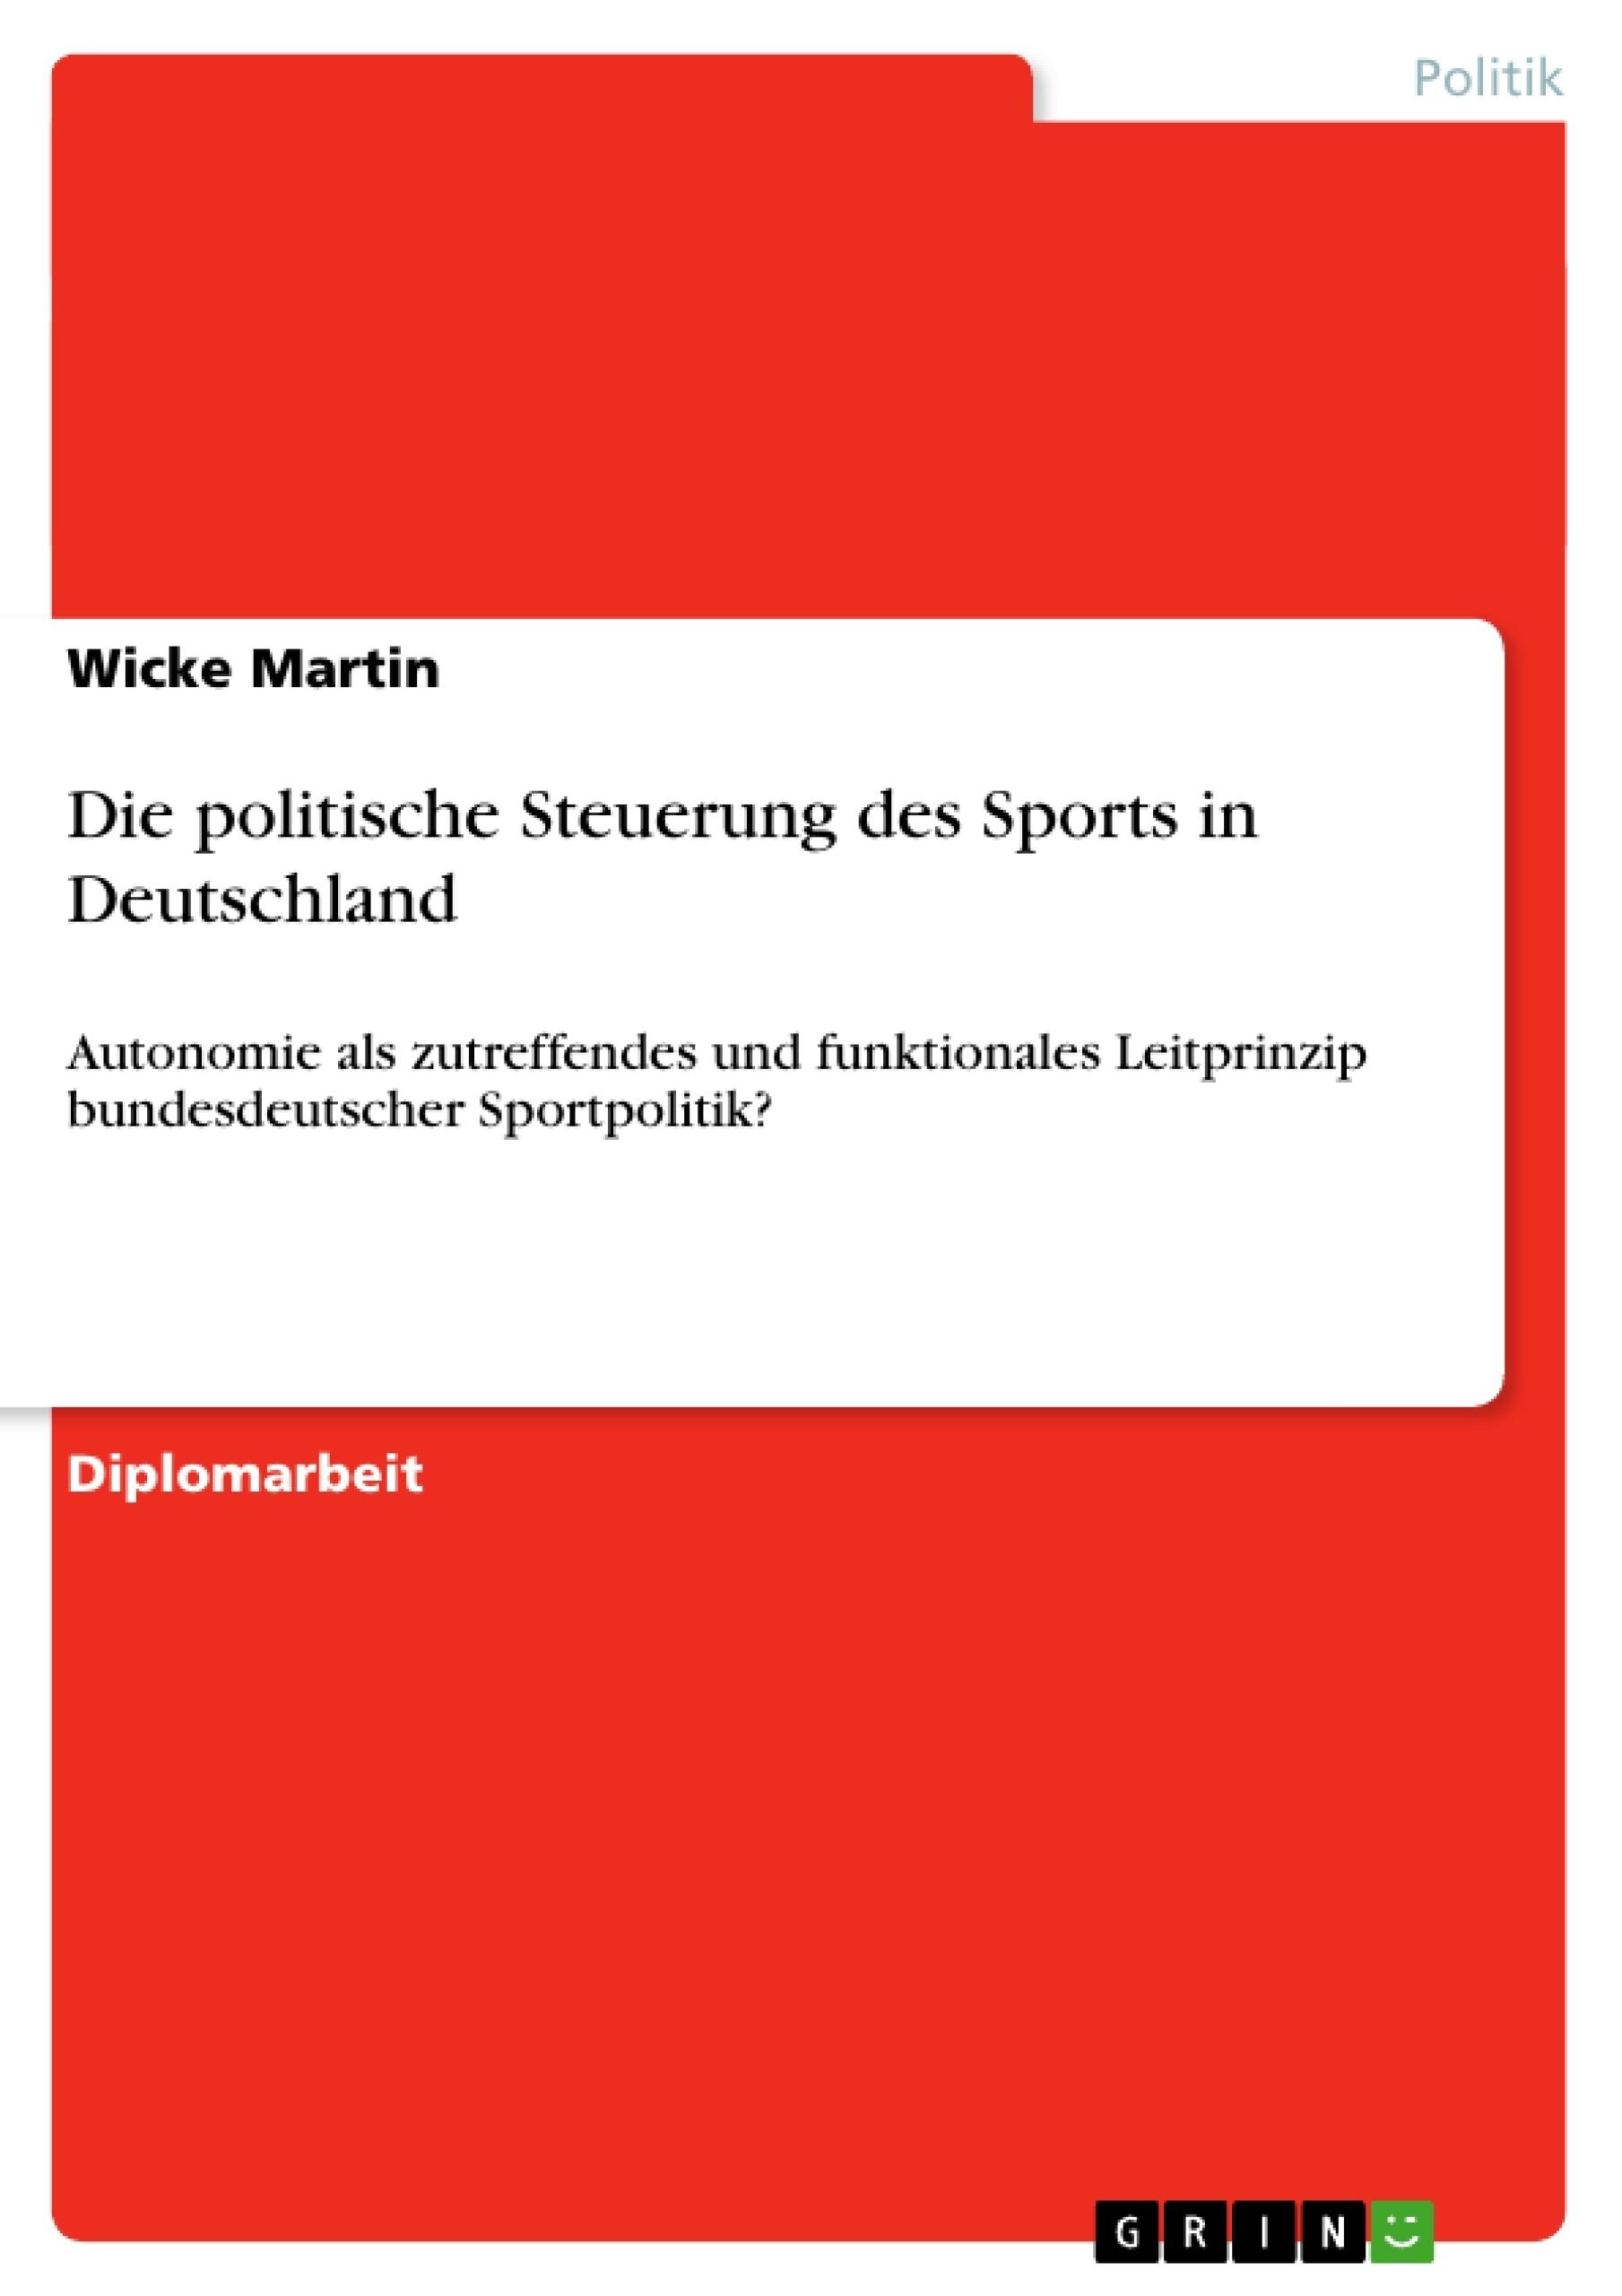 Titel: Die politische Steuerung des Sports in Deutschland